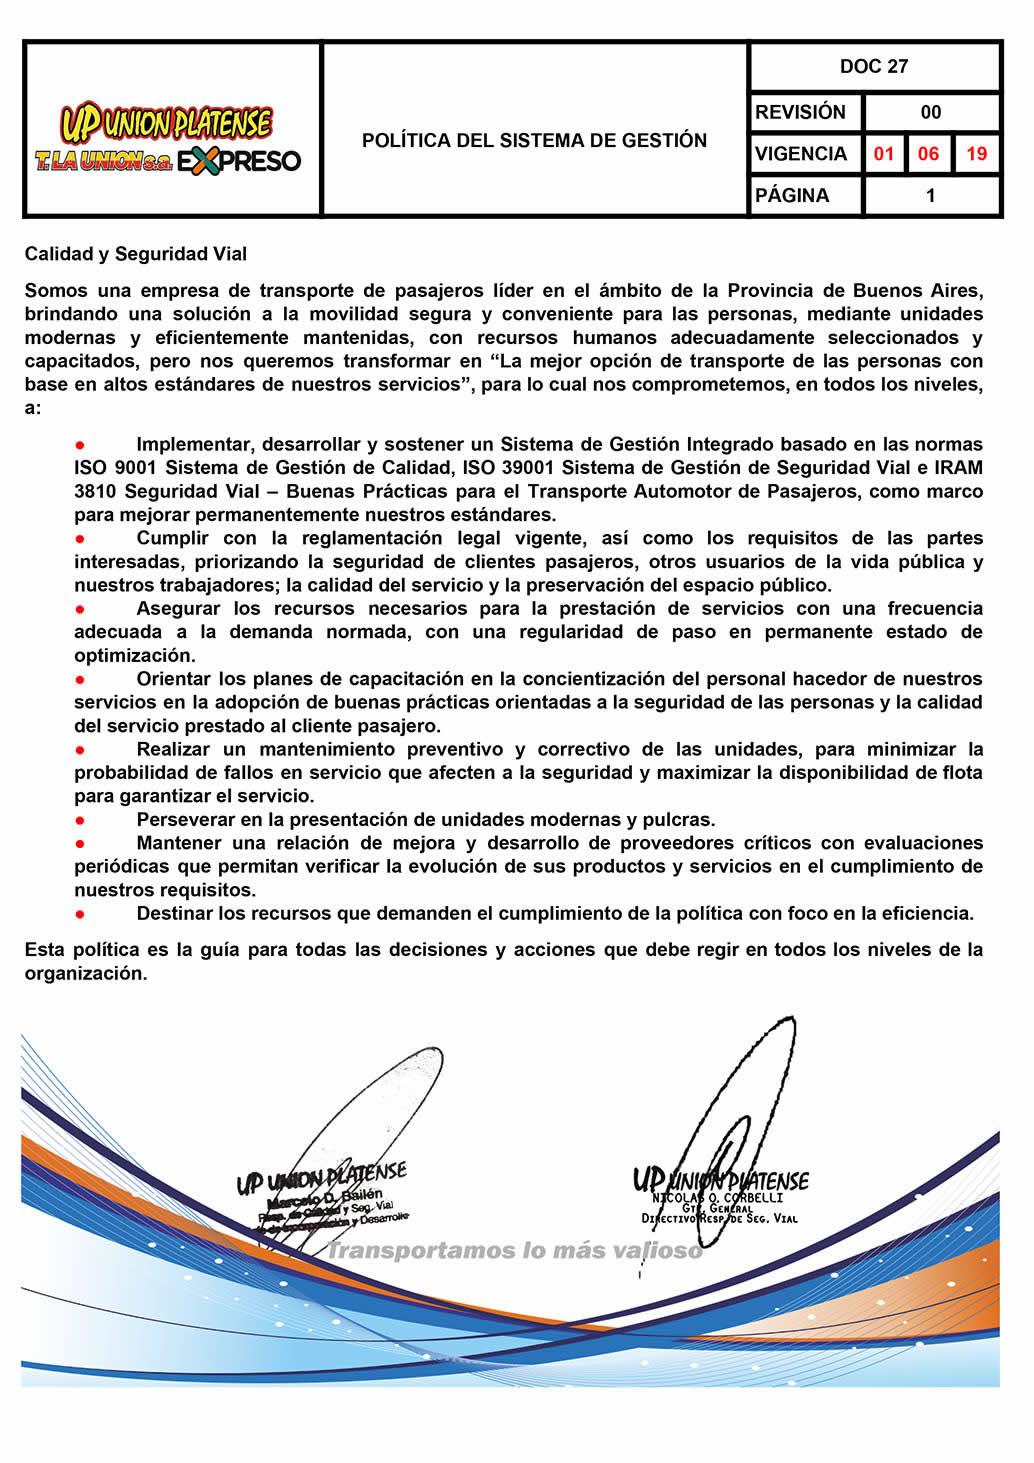 DOC 27 - POLITICAS DEL SISTEMA DE GESTION